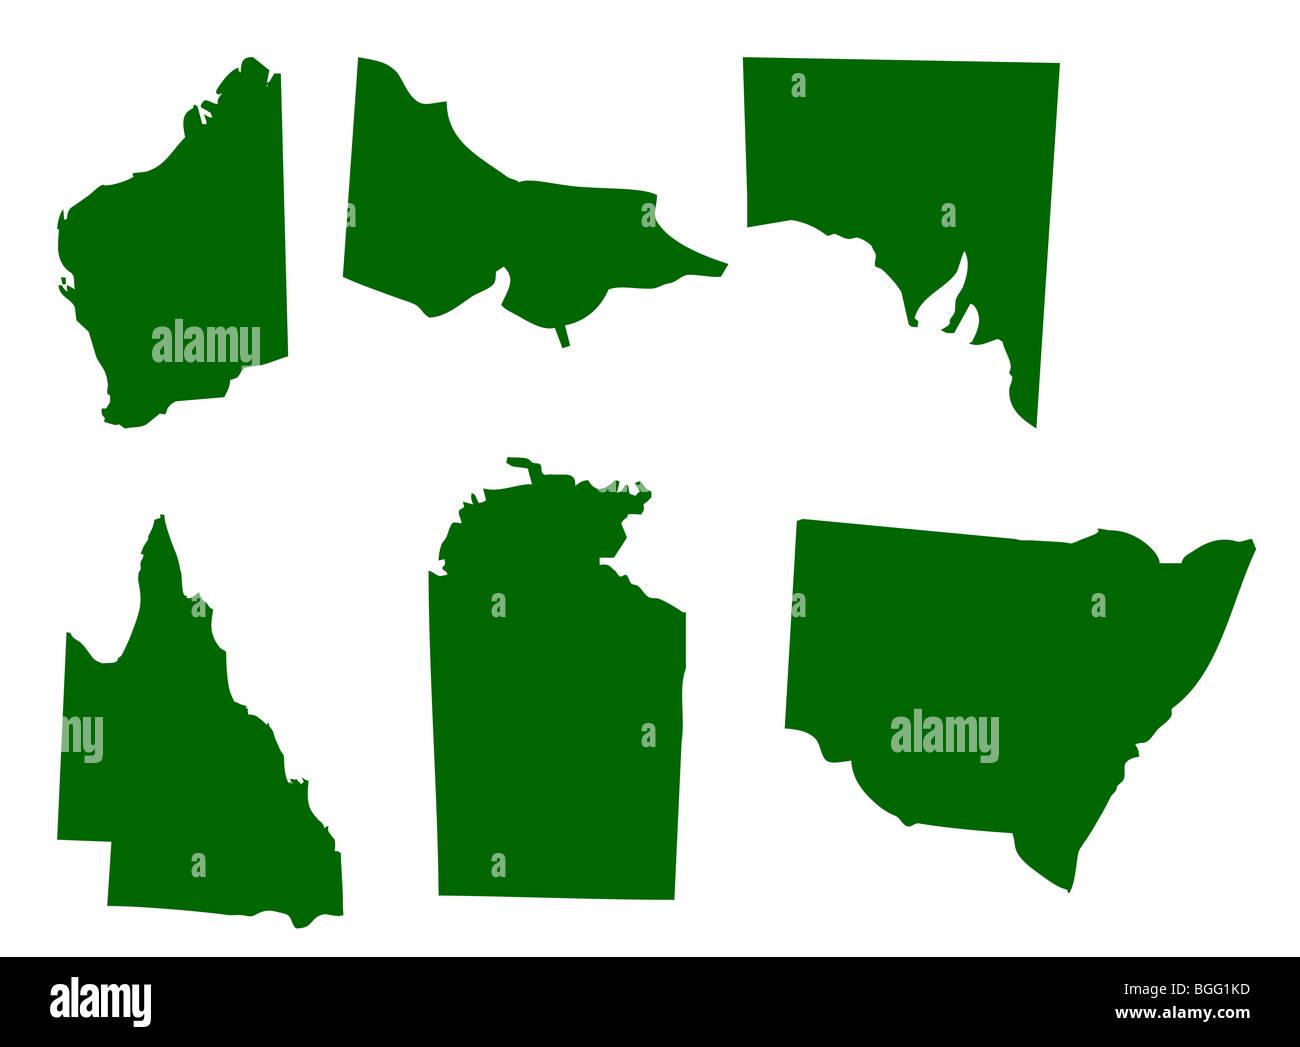 Map of six states of Australia, isolated on white background. - Stock Image